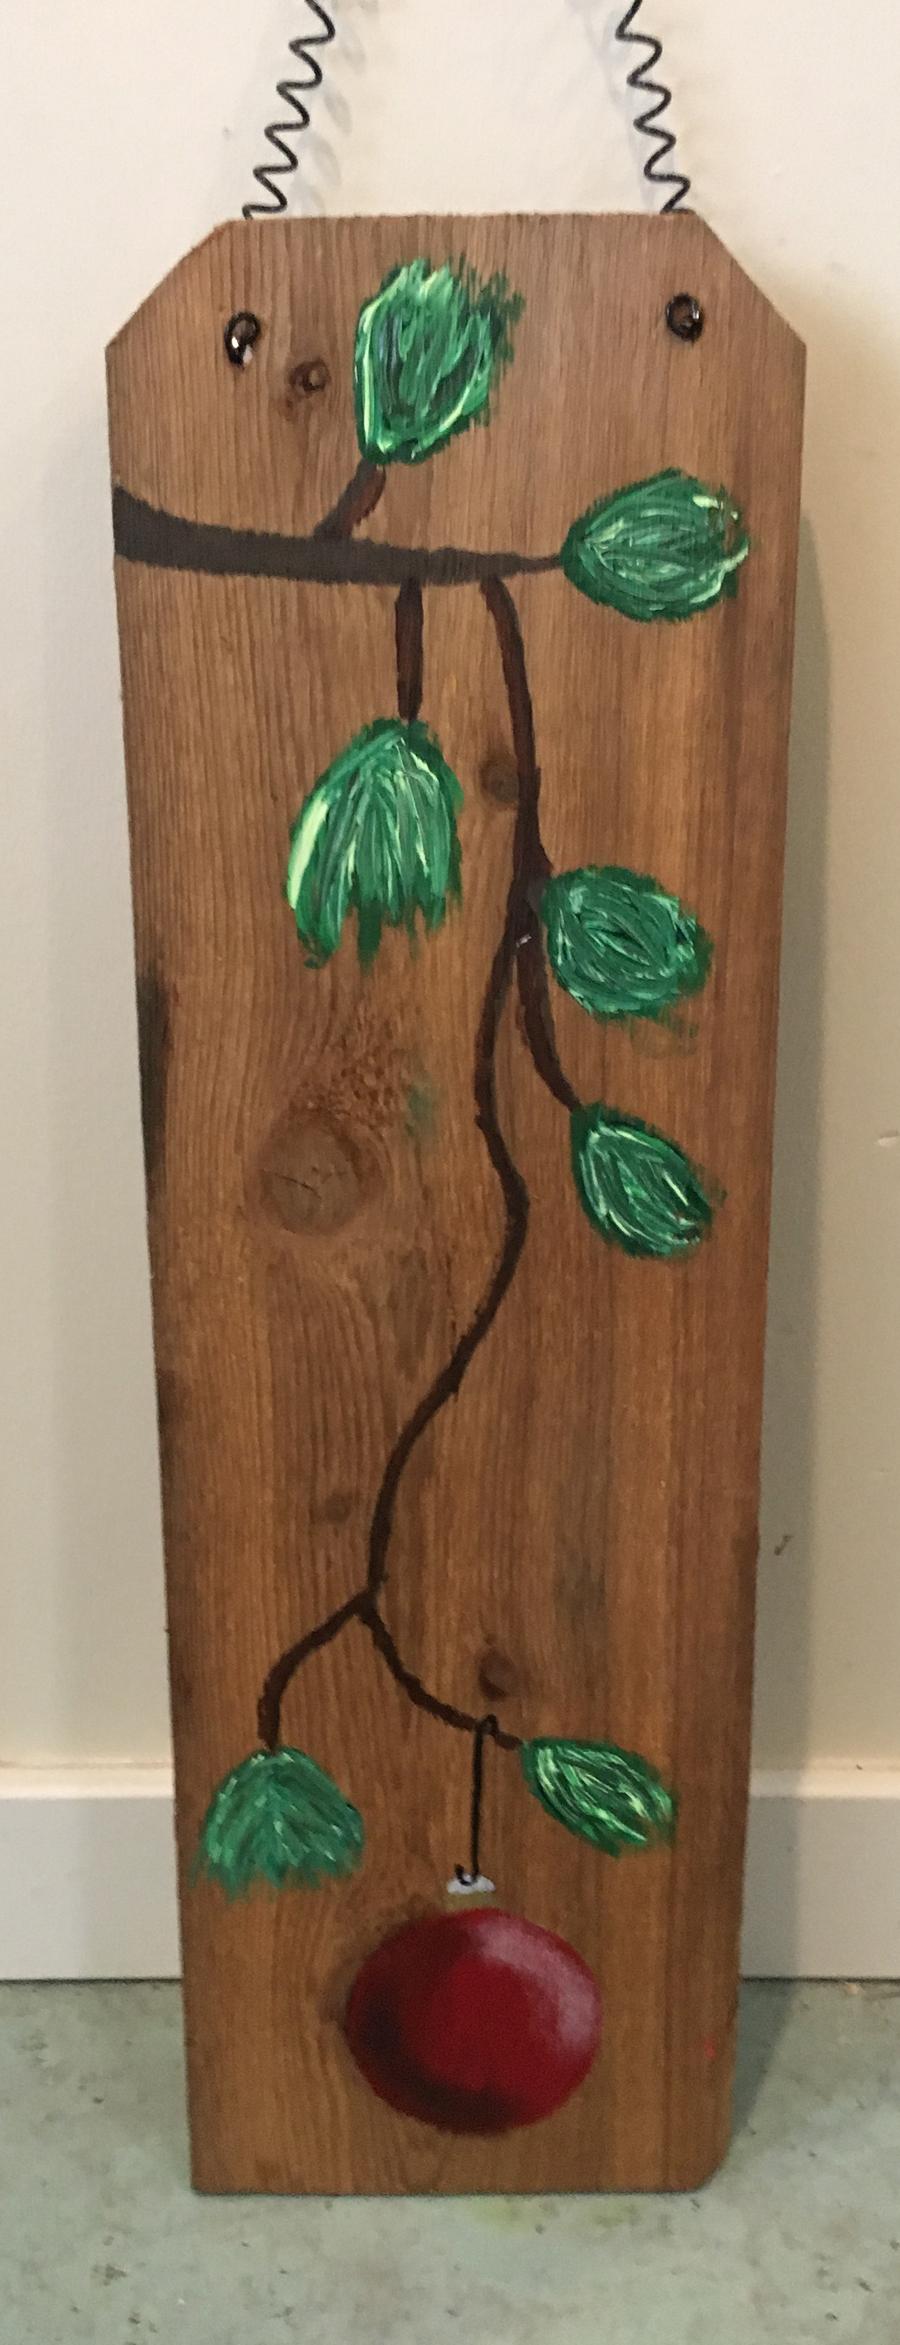 Fenceboard Sample 4